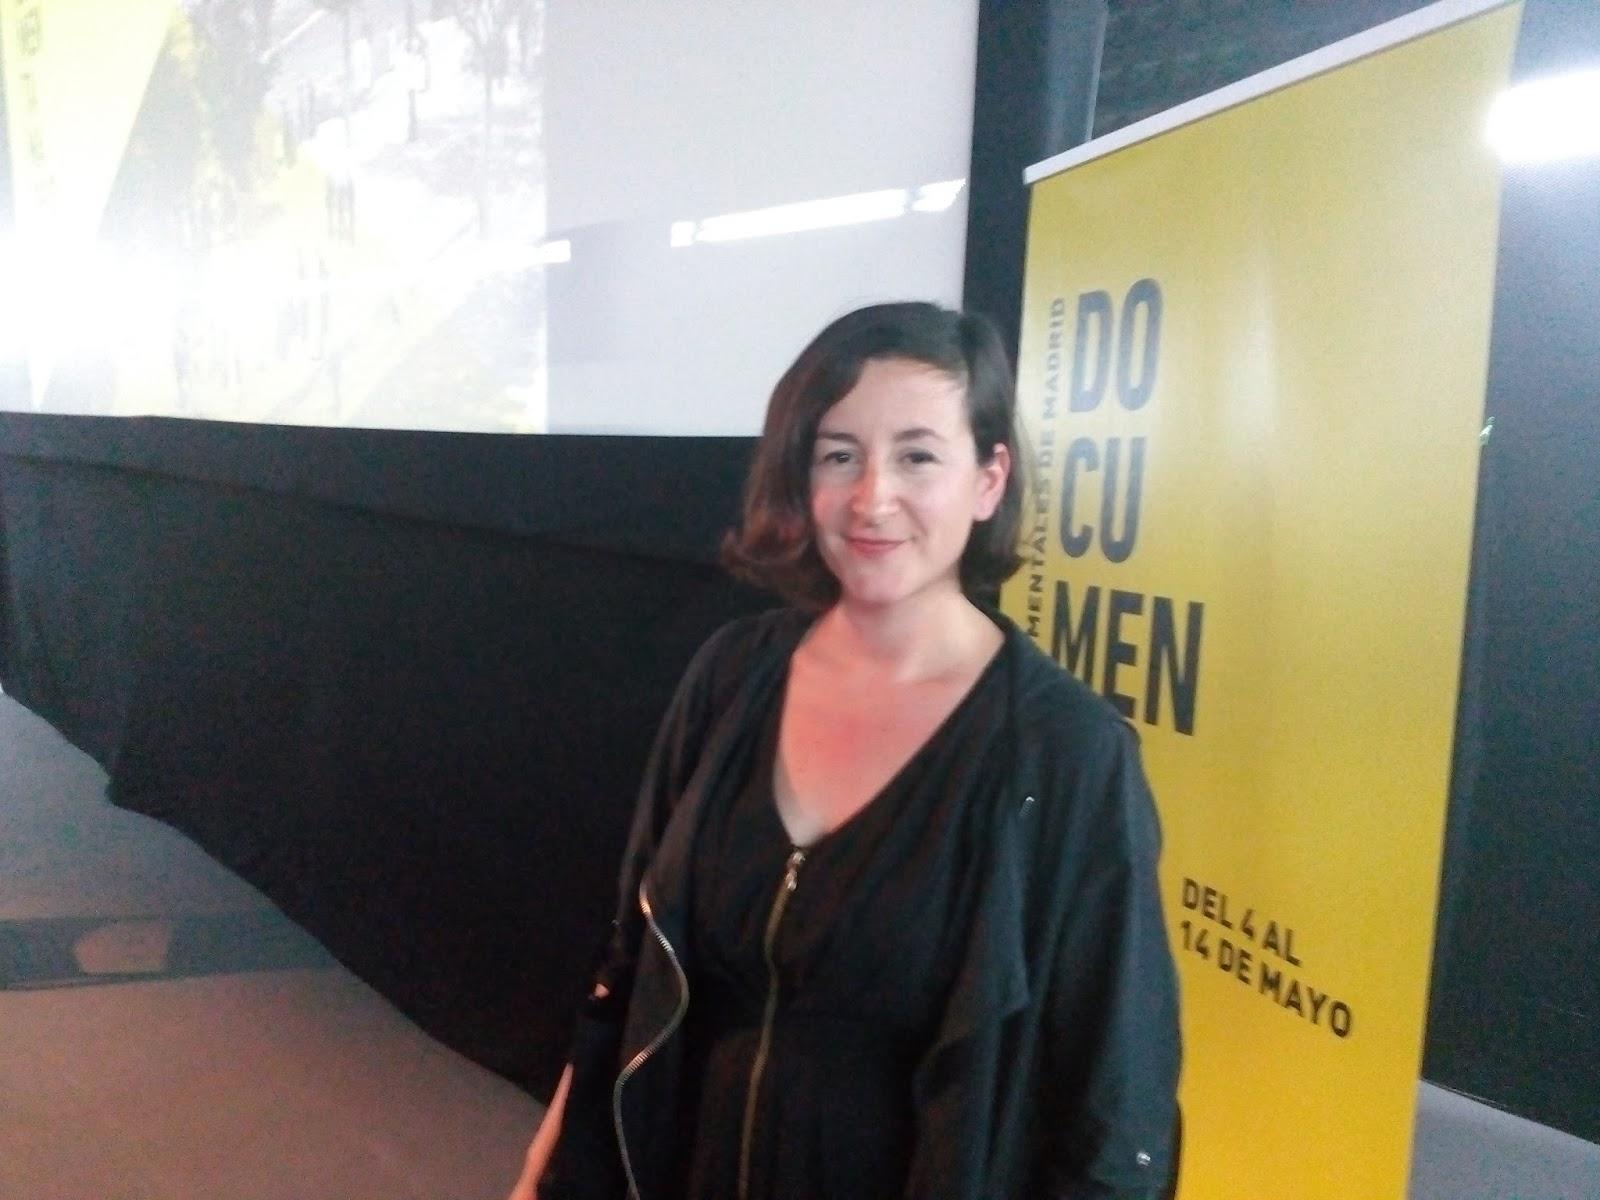 MarcianasEntrevista Garvín Y A Laura Herrero Cine Críticas K31TlJcF